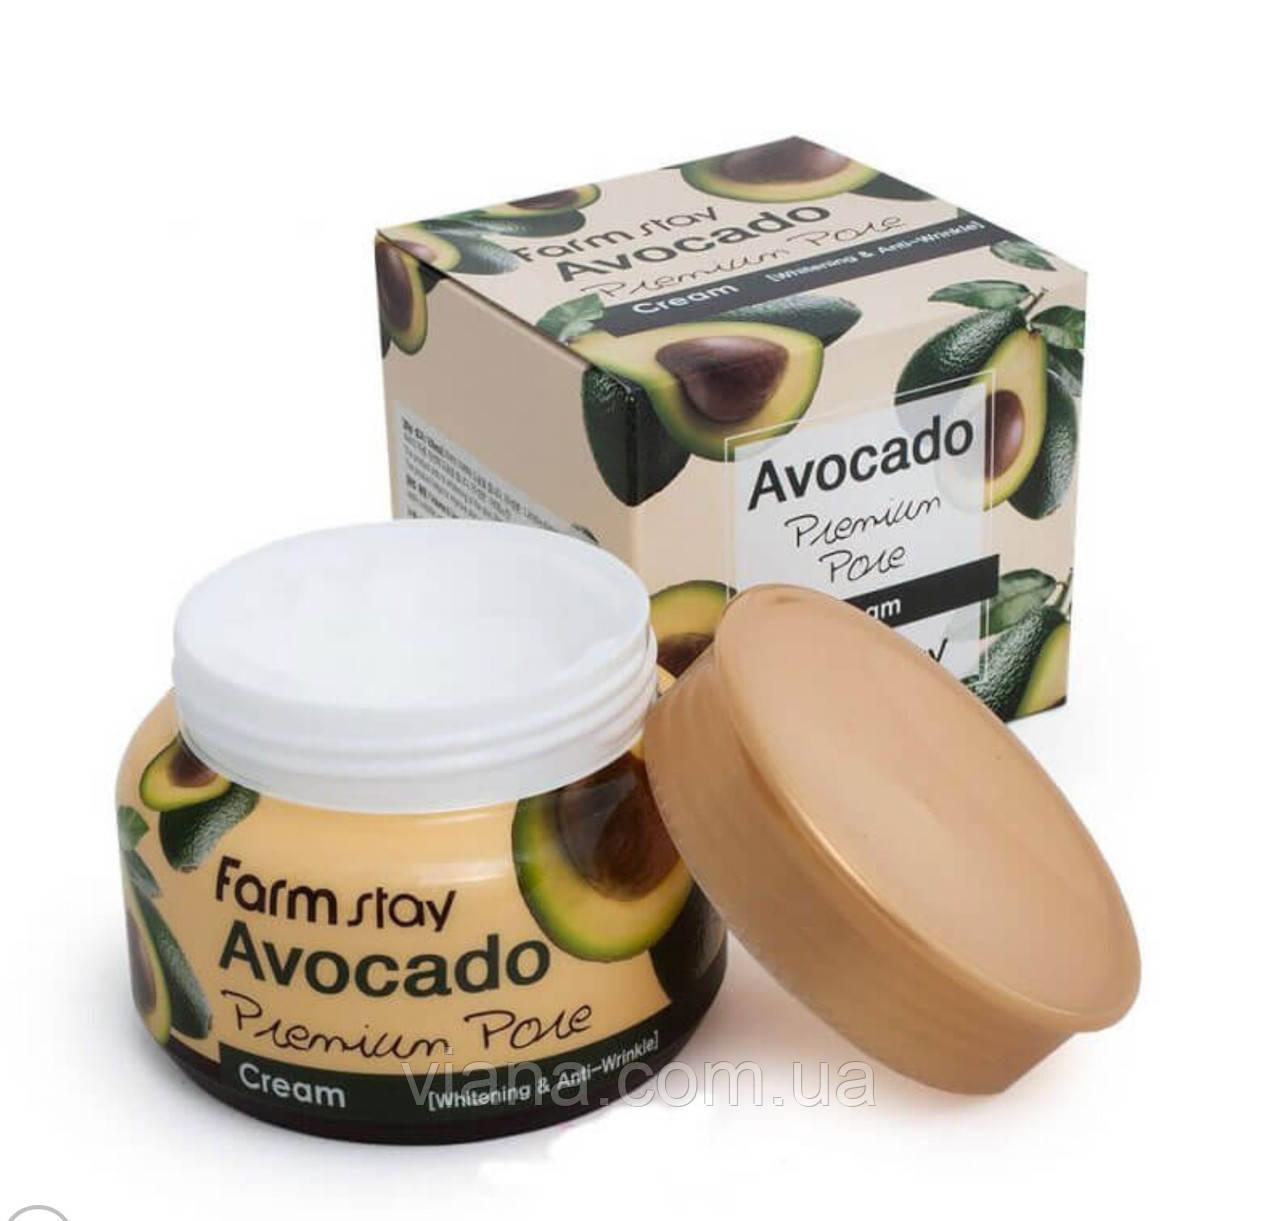 Осветляющий лифтинг-крем для лица с экстрактом авокадо FarmStay Avocado Premium Pore Cream 100 мл